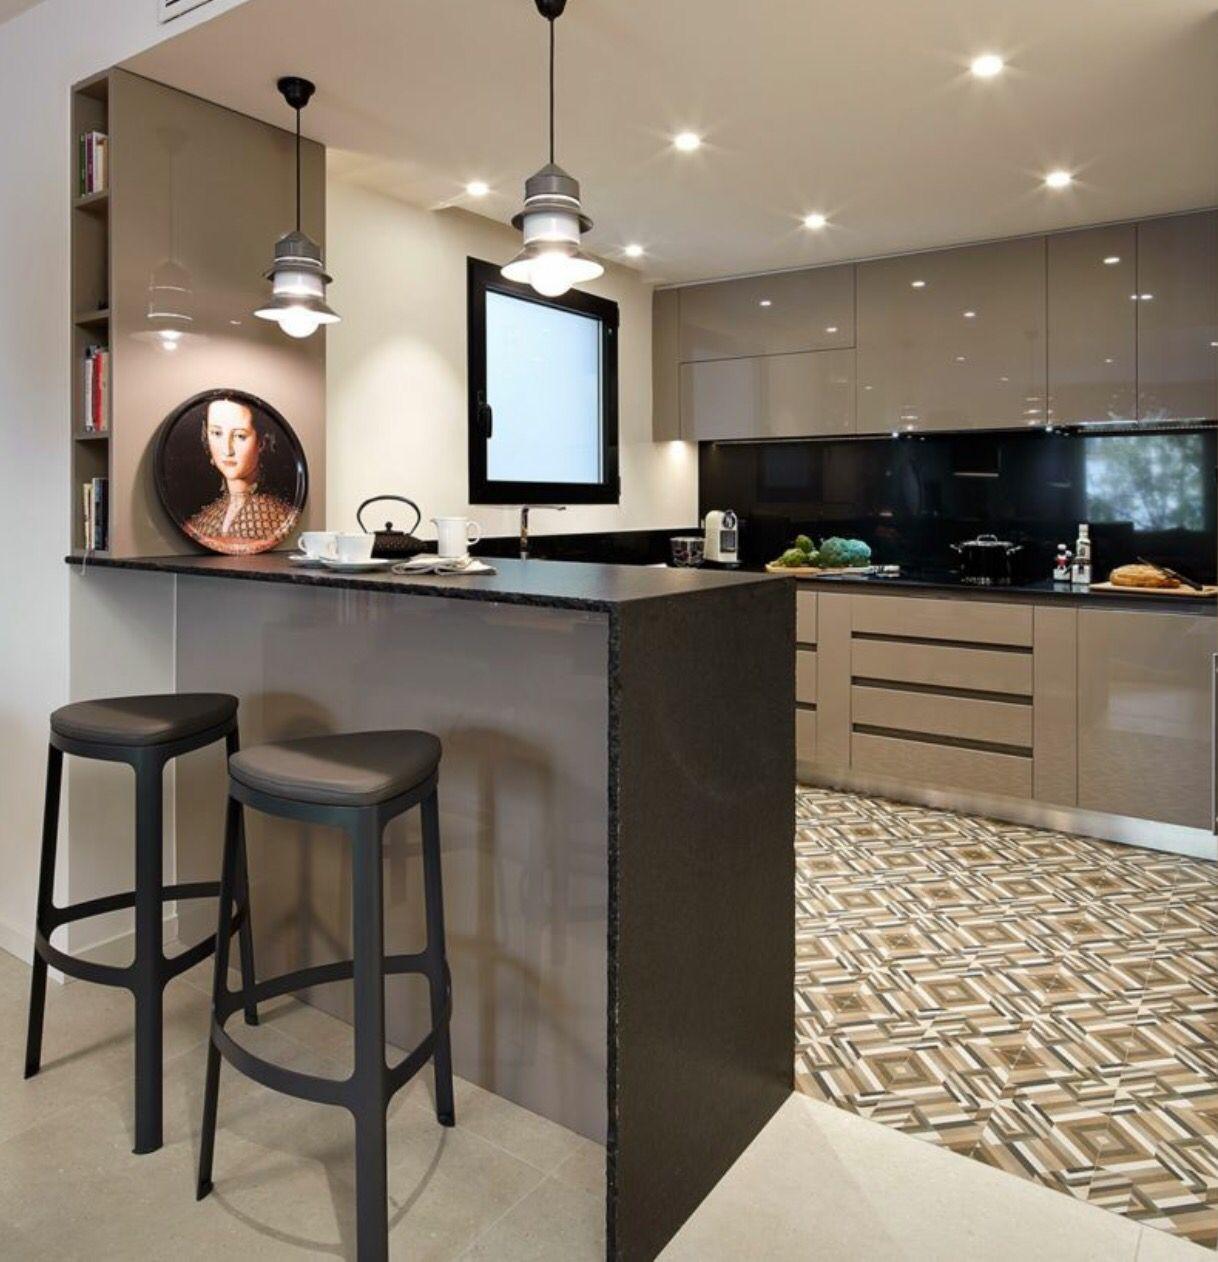 Cocina contemporanea con barra | Kitchen | Pinterest | Cocina ...